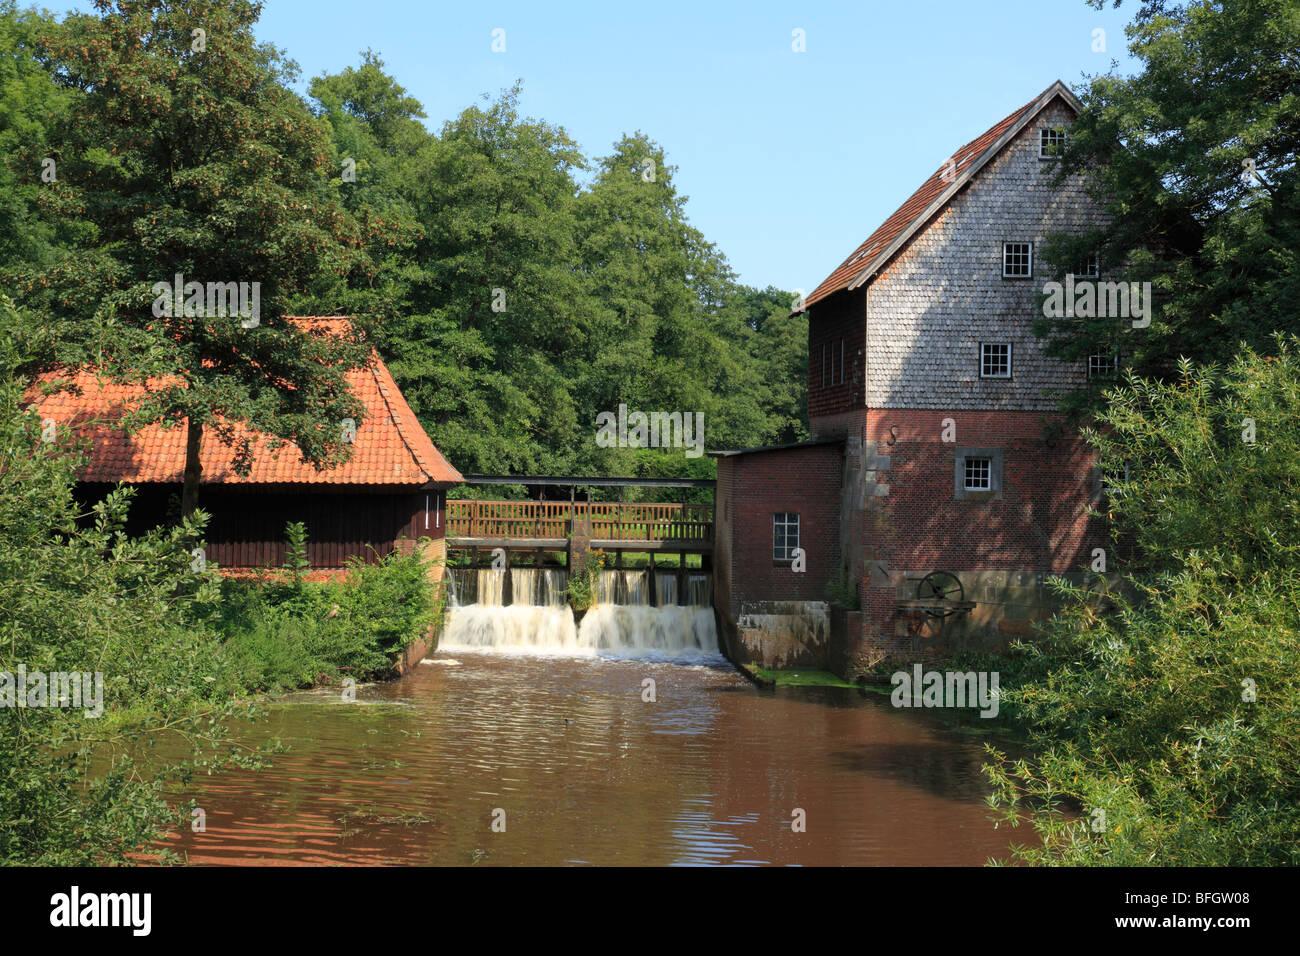 Wassermuehle, Herrenmuehle an der Nordradde in Meppen, Emsland, Niedersachsen - Stock Image